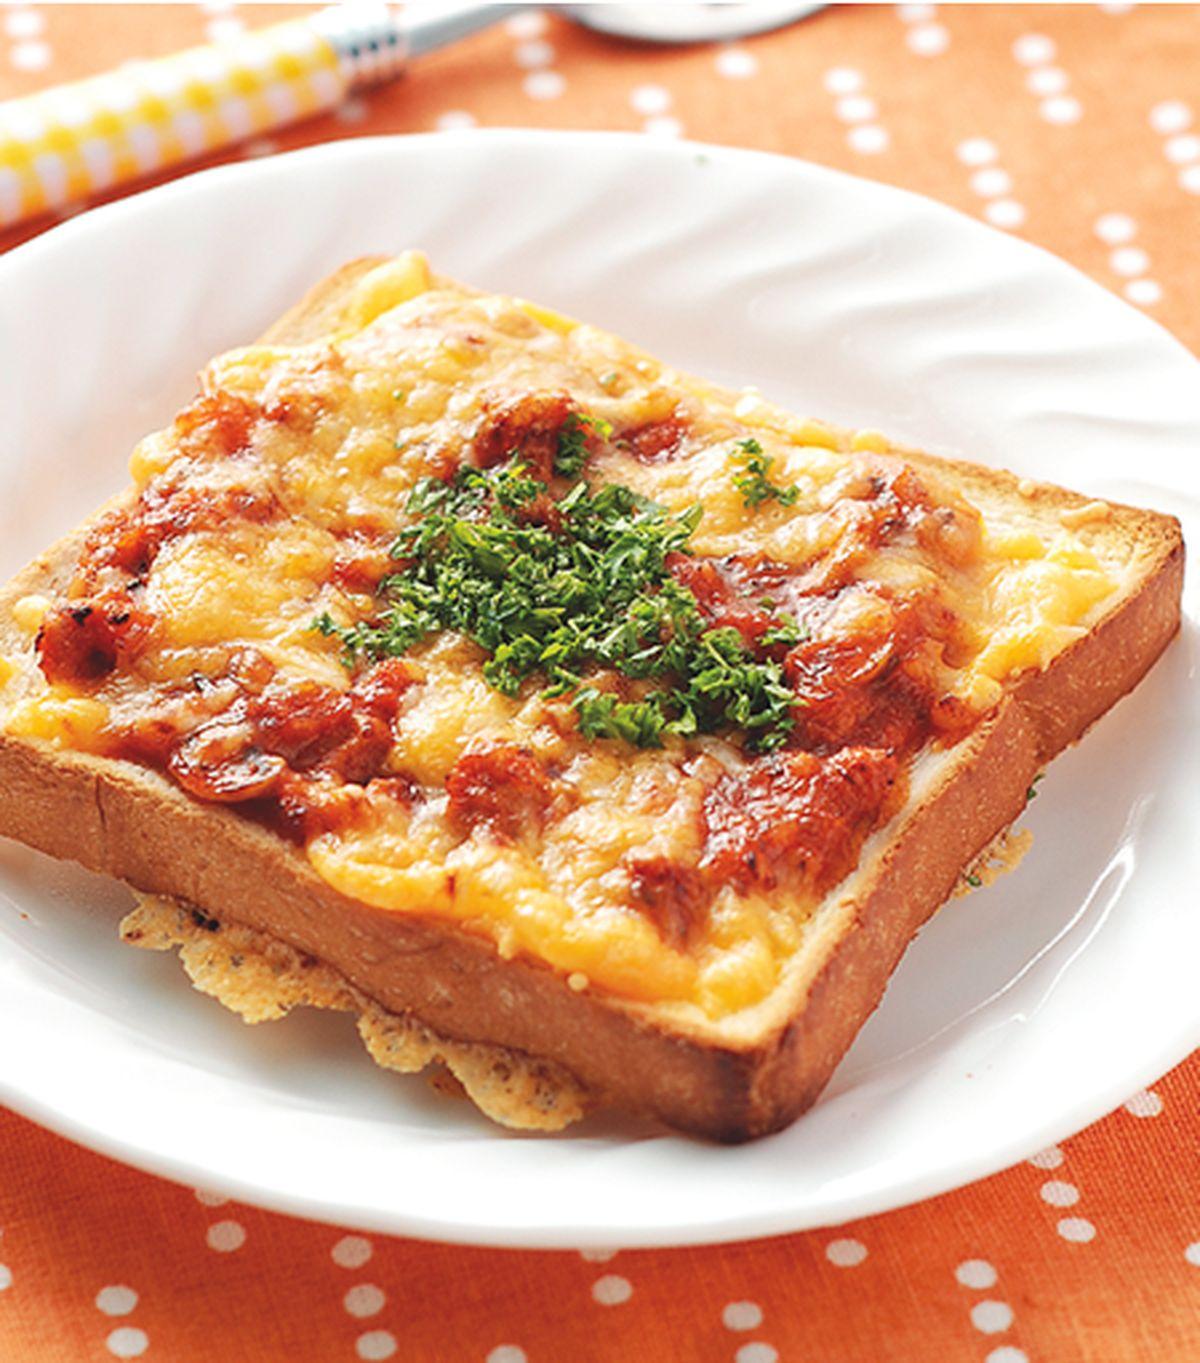 食譜:焗烤土司披薩